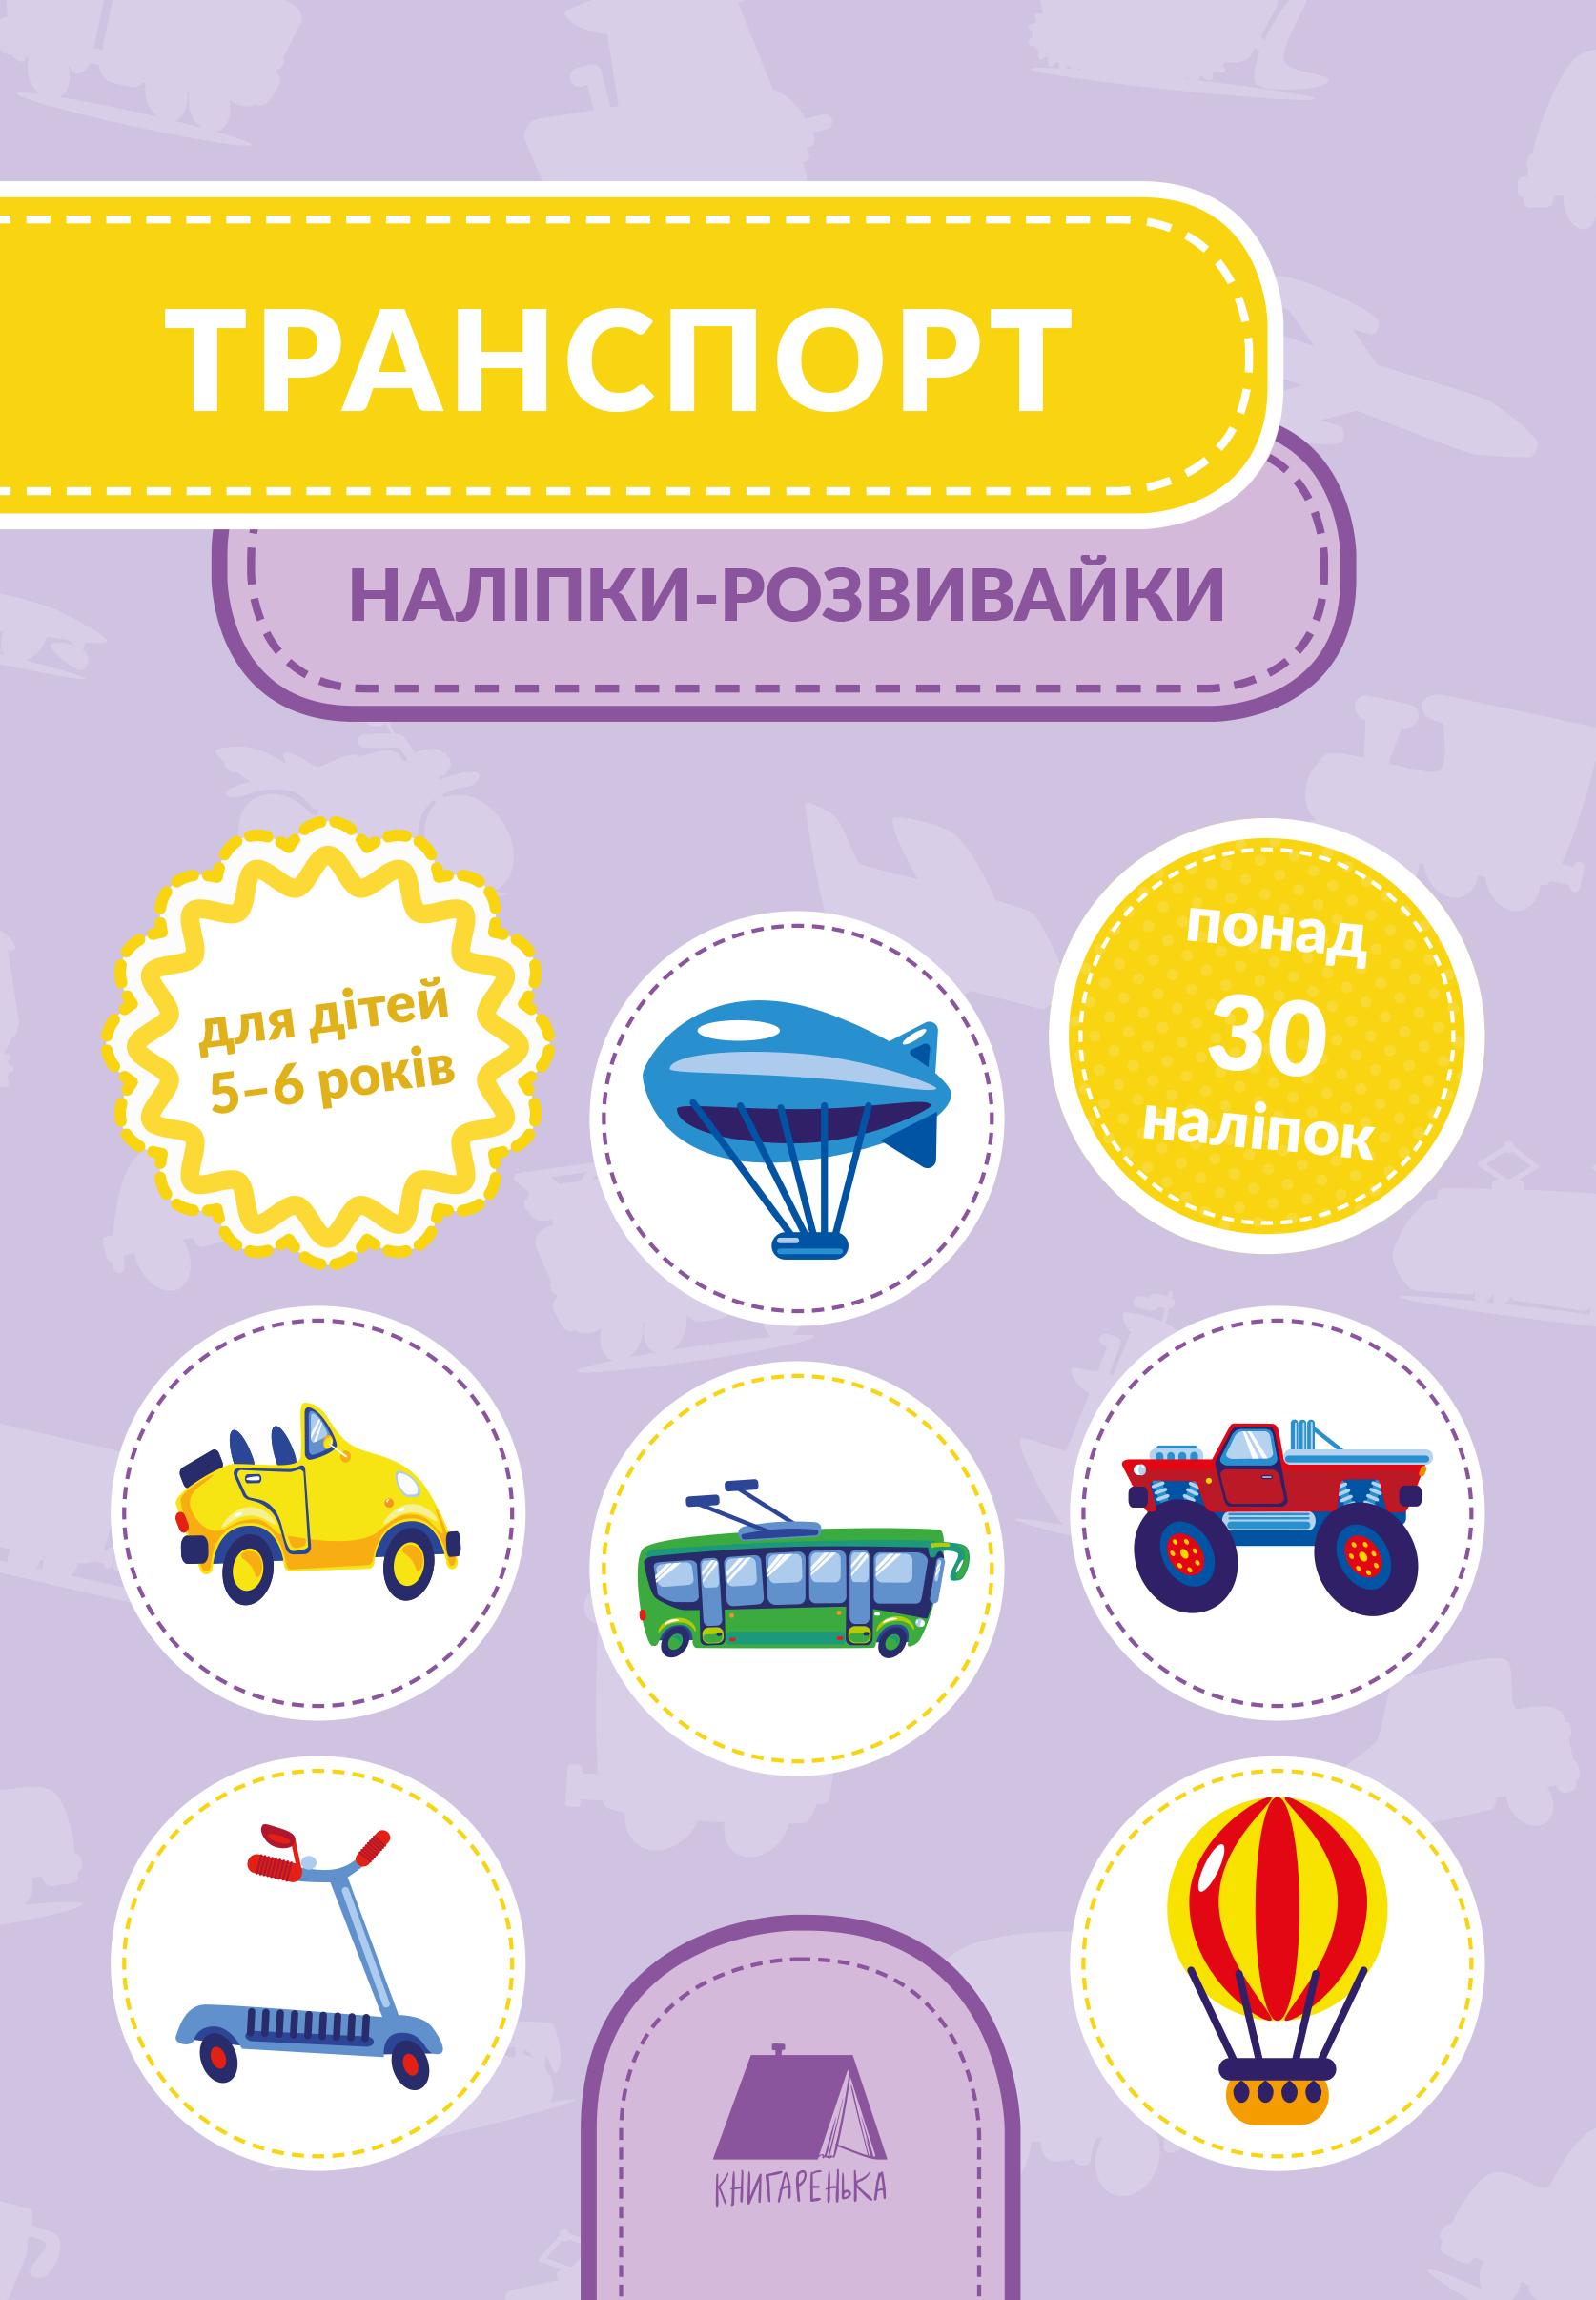 Транспорт: наліпки-розвивайки для дітей 5–6 років